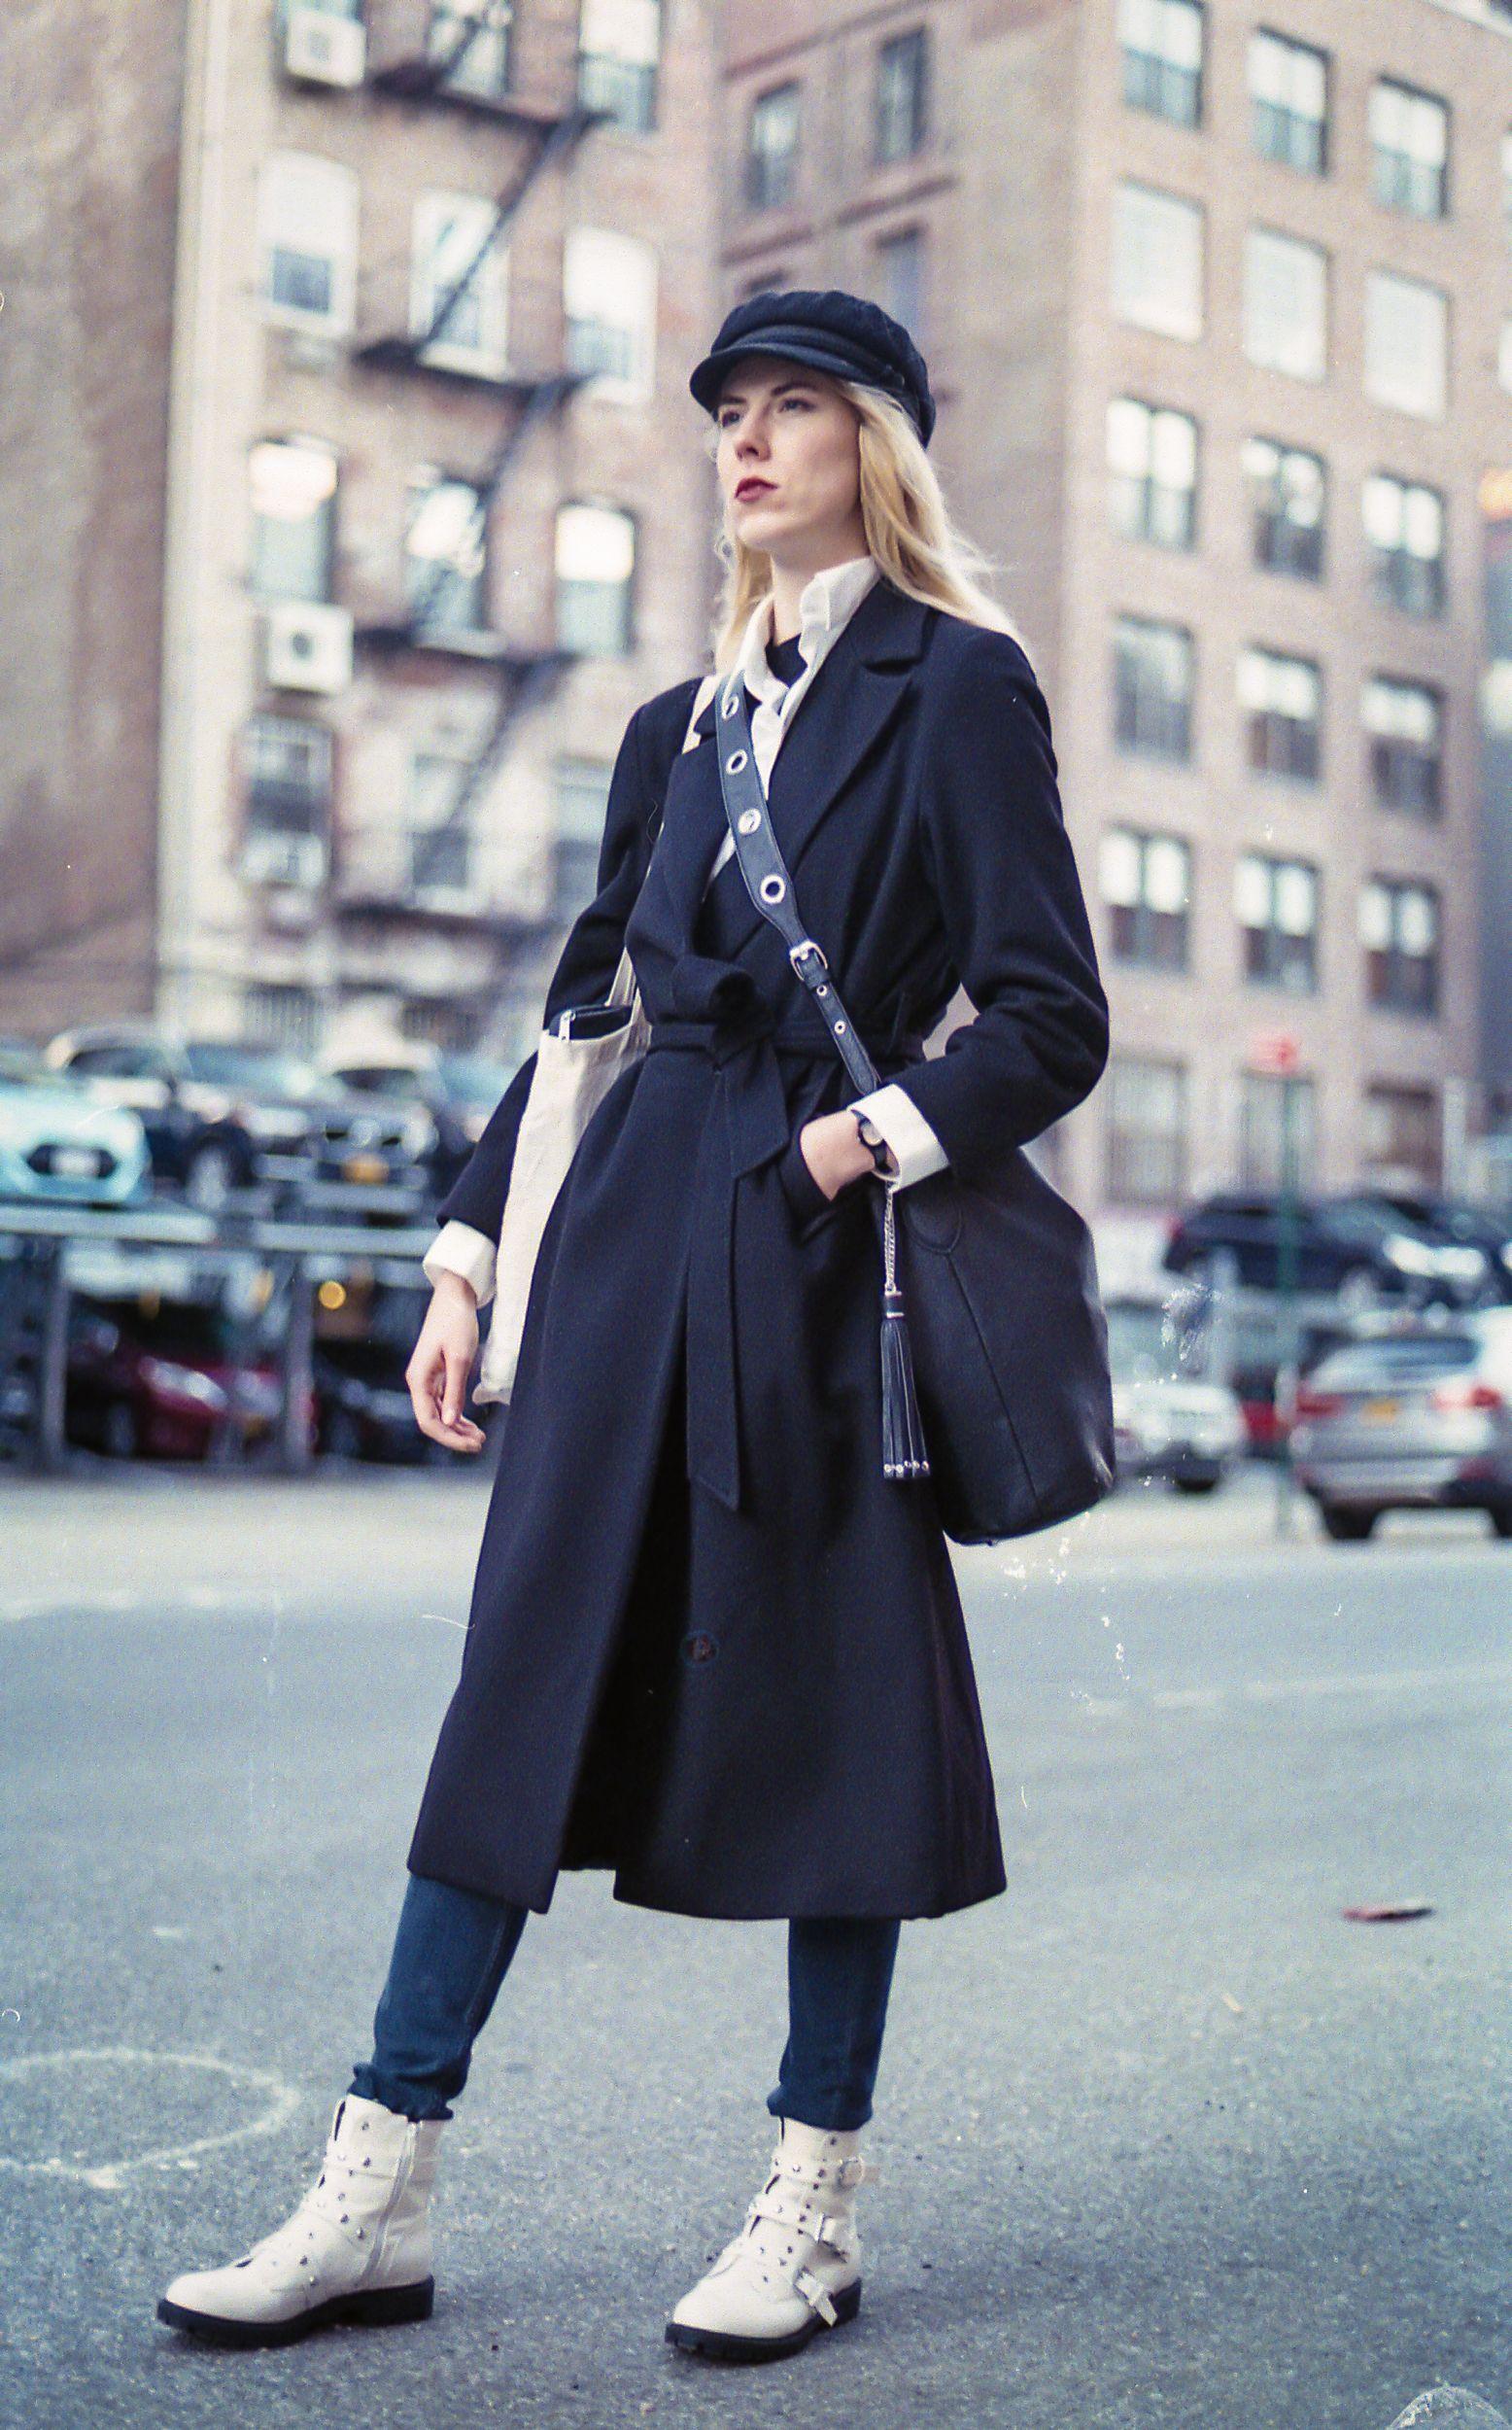 Lafayette St., NYC Street style women, Fashion